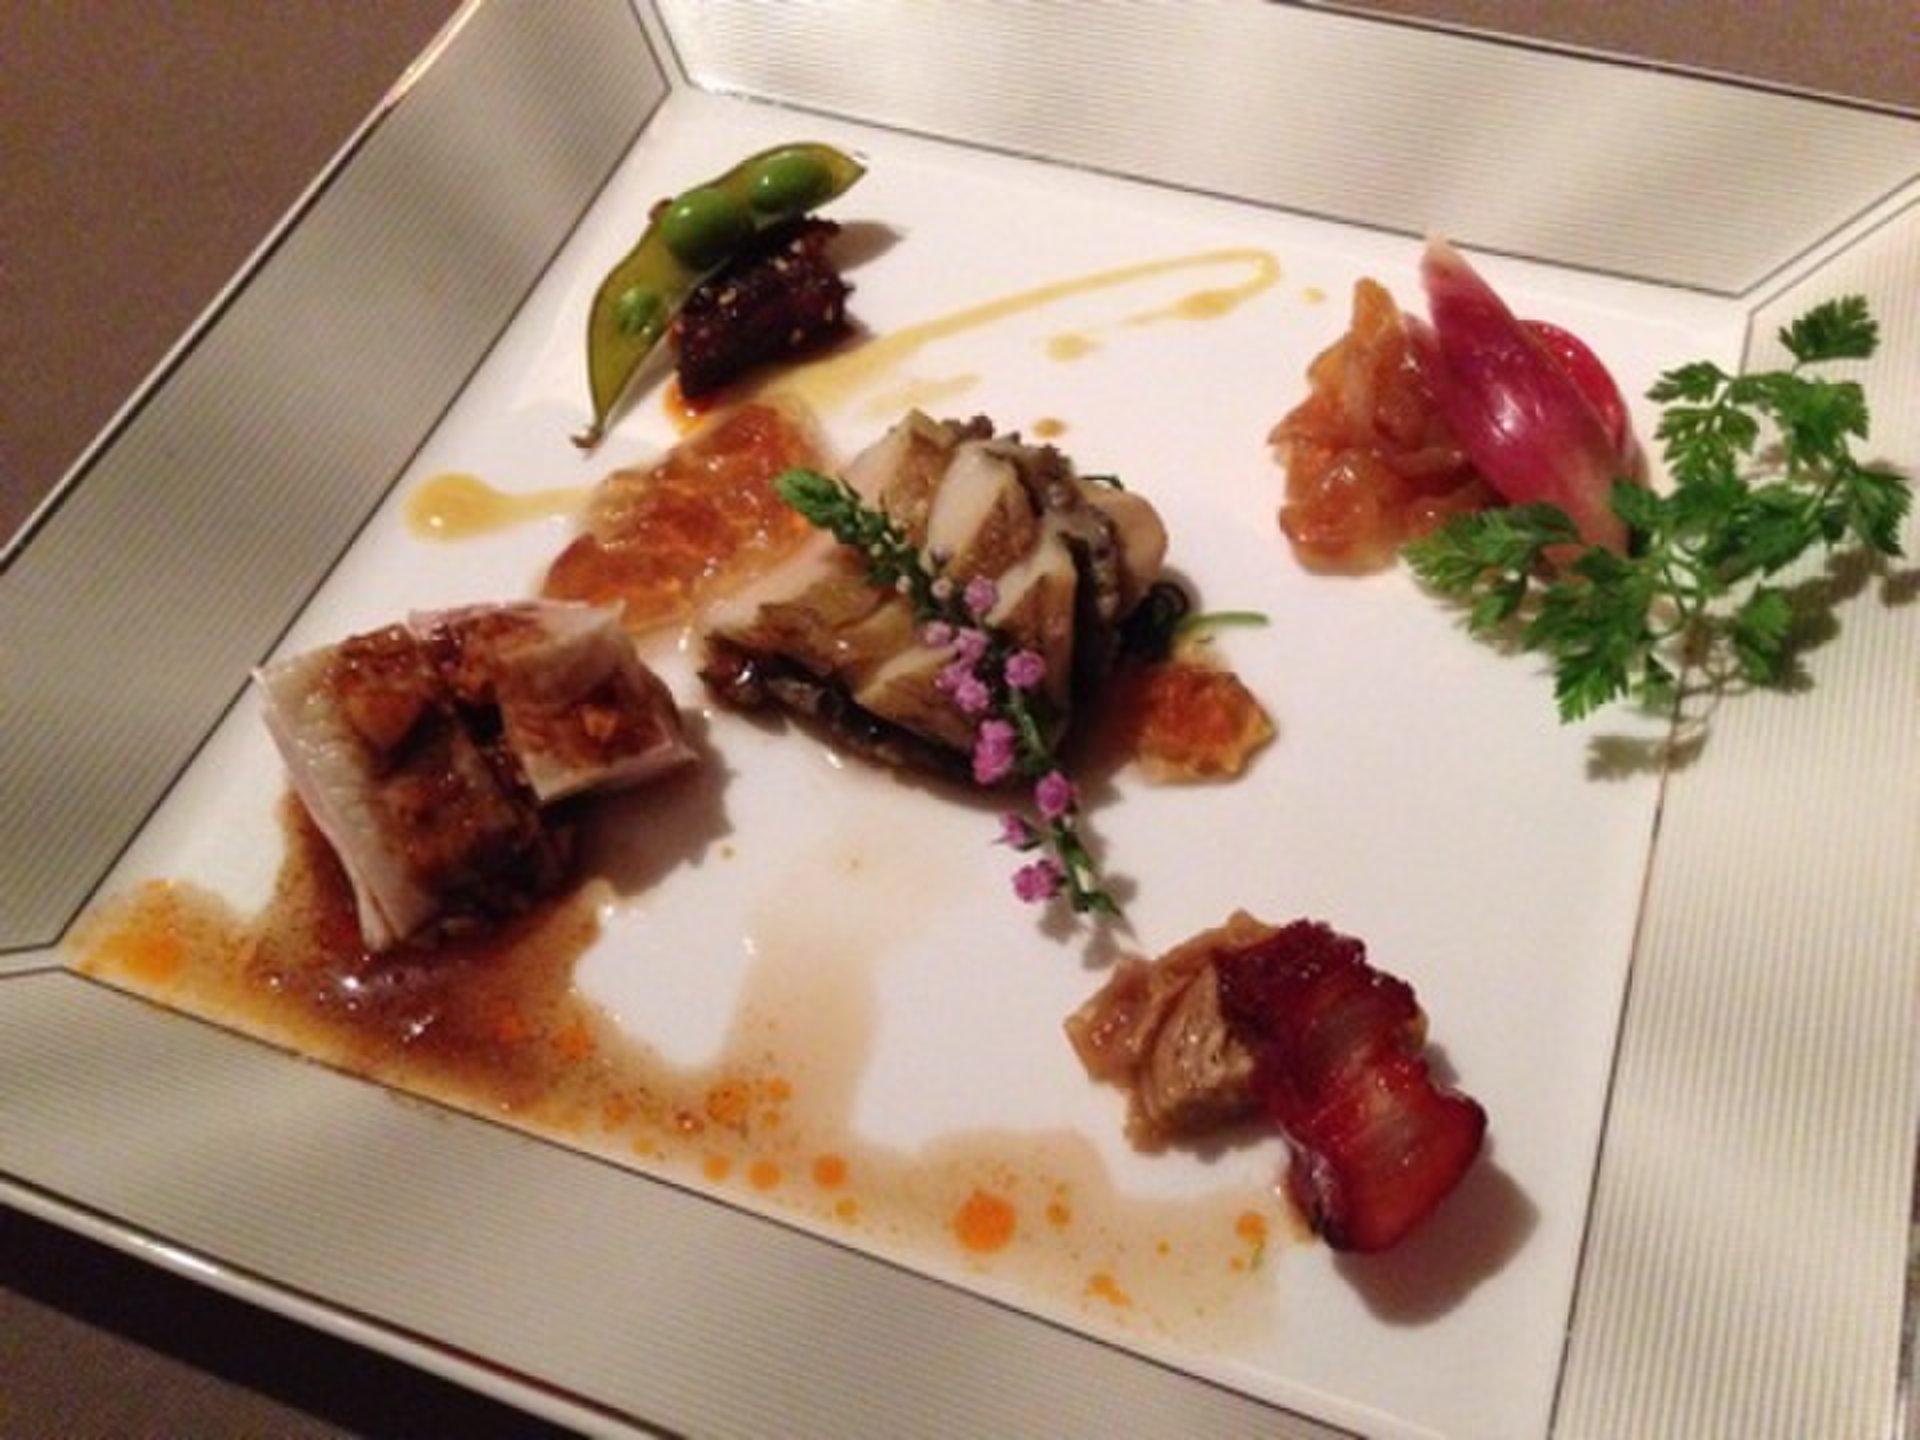 デートにおすすめ!六本木ヒルズクラブの中華料理「スターアニス」でディナー